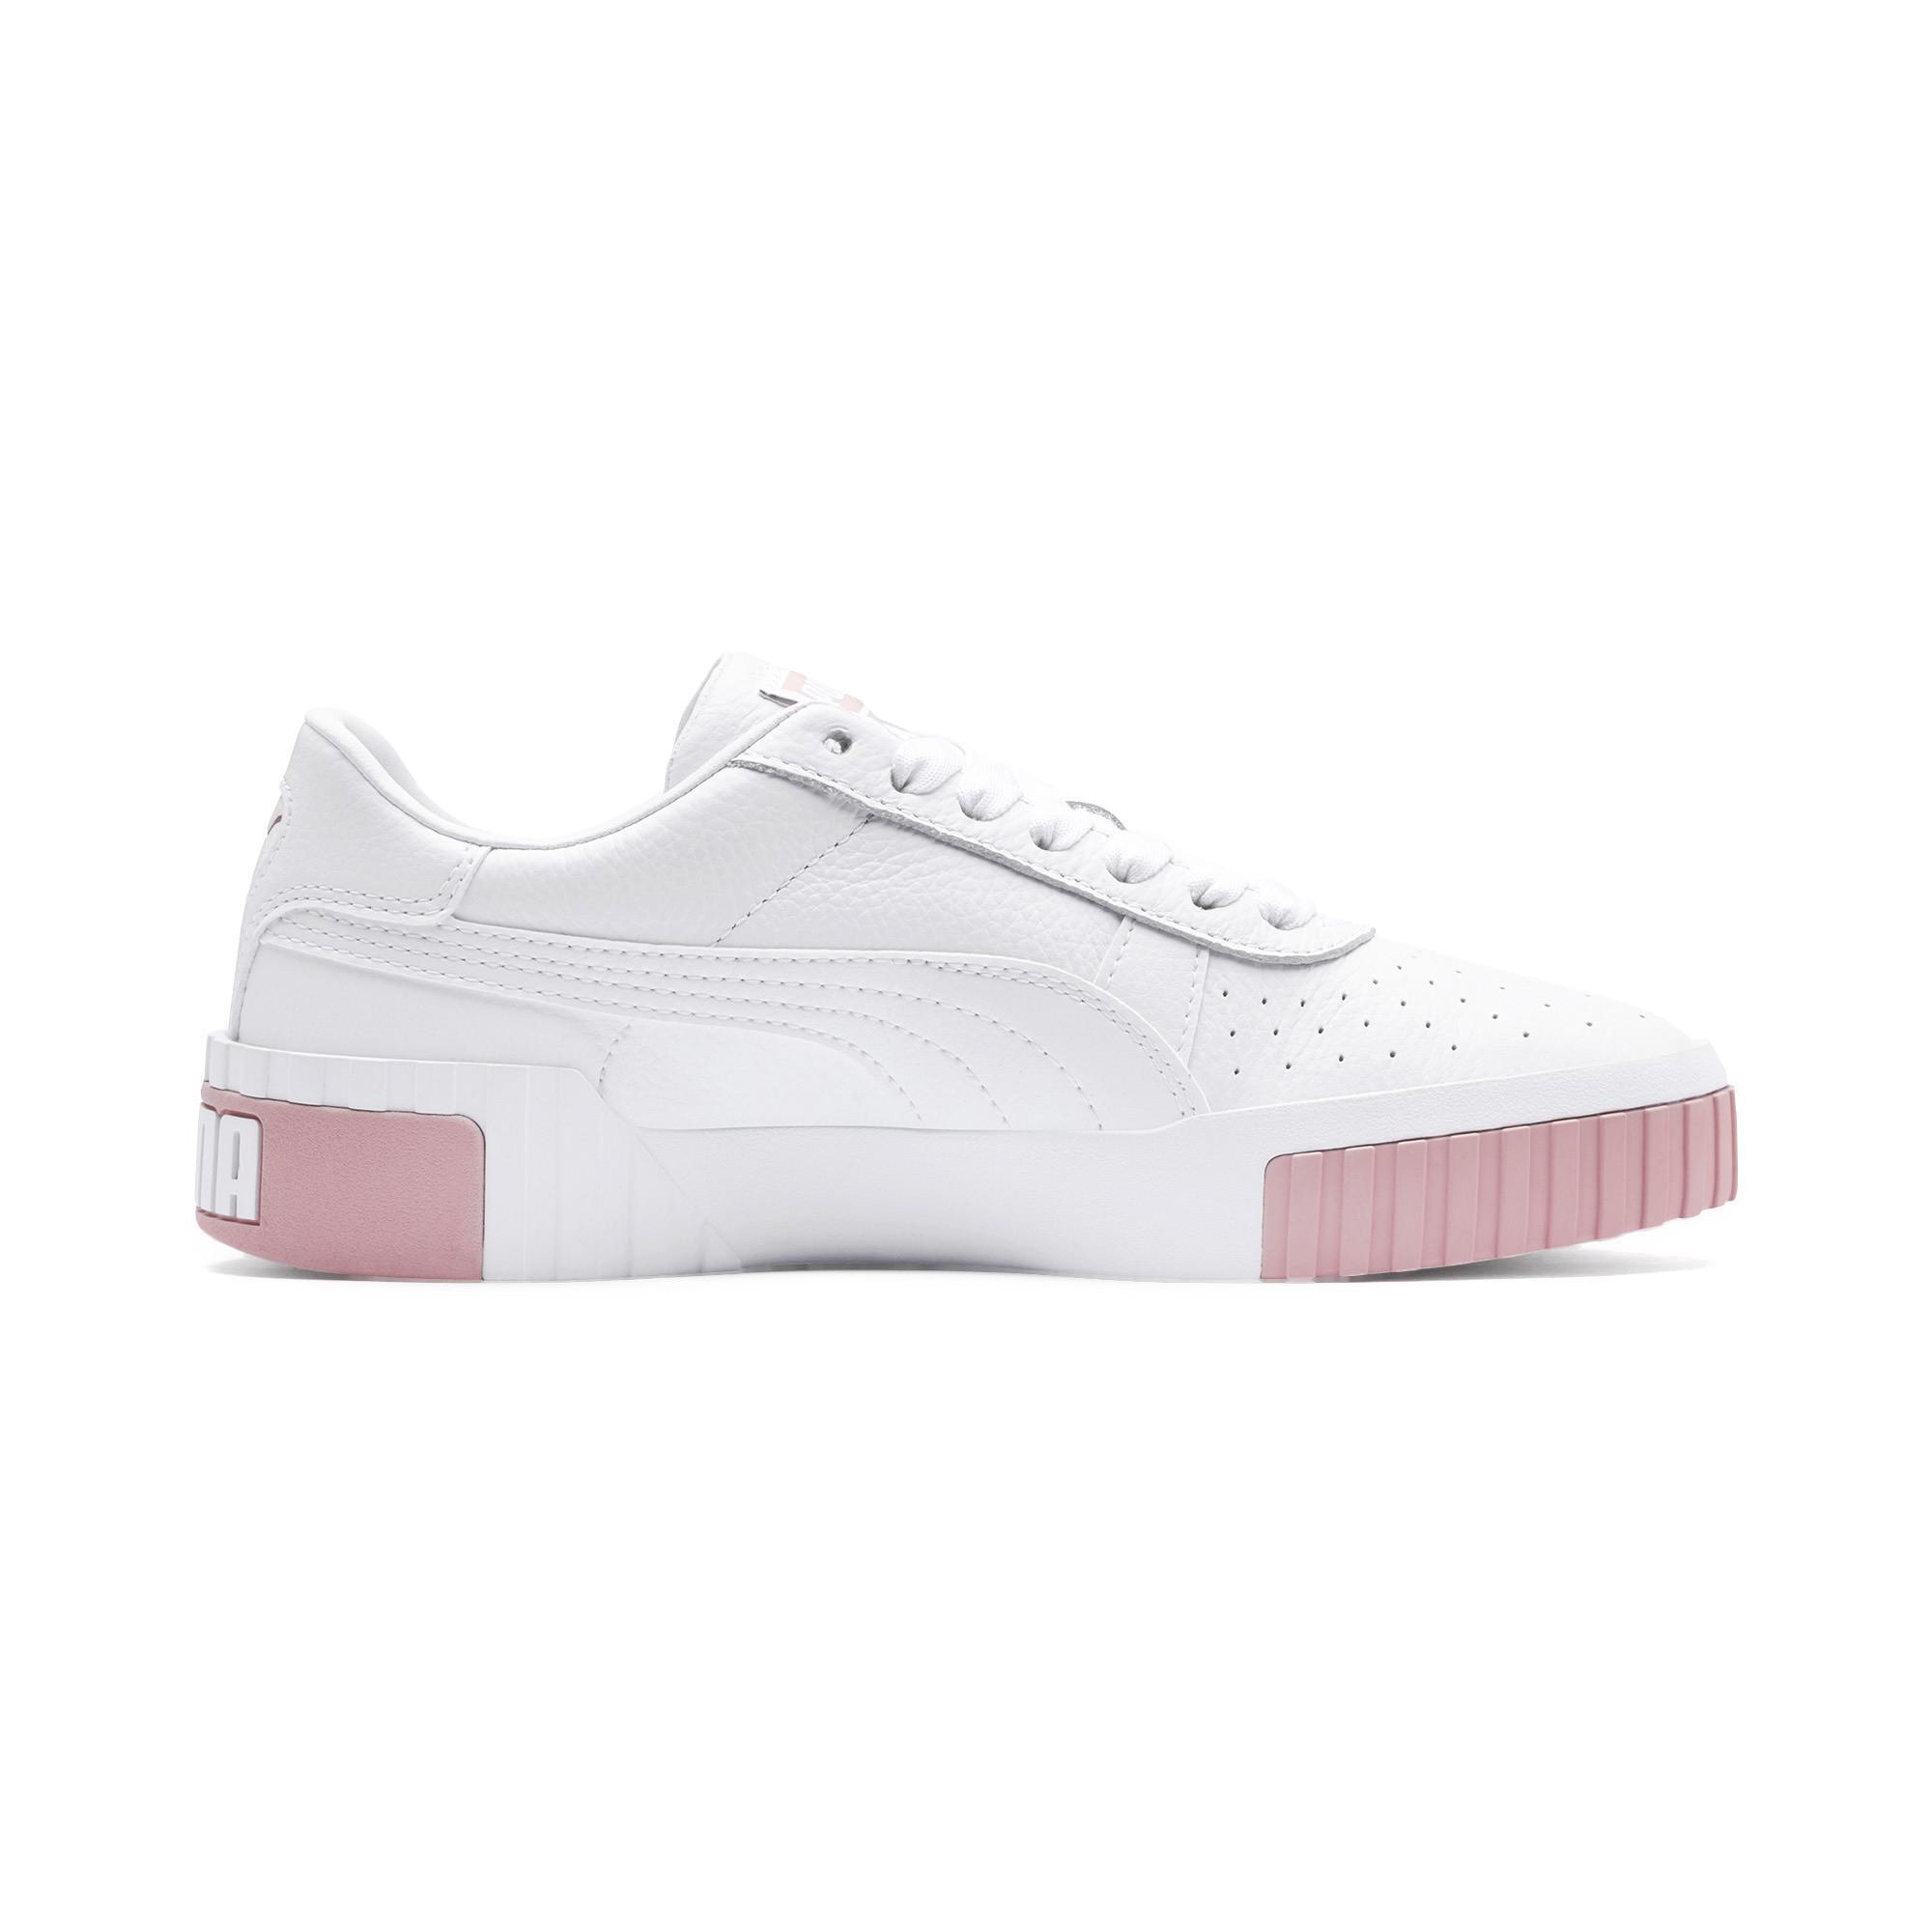 scarpe puma cali bianche